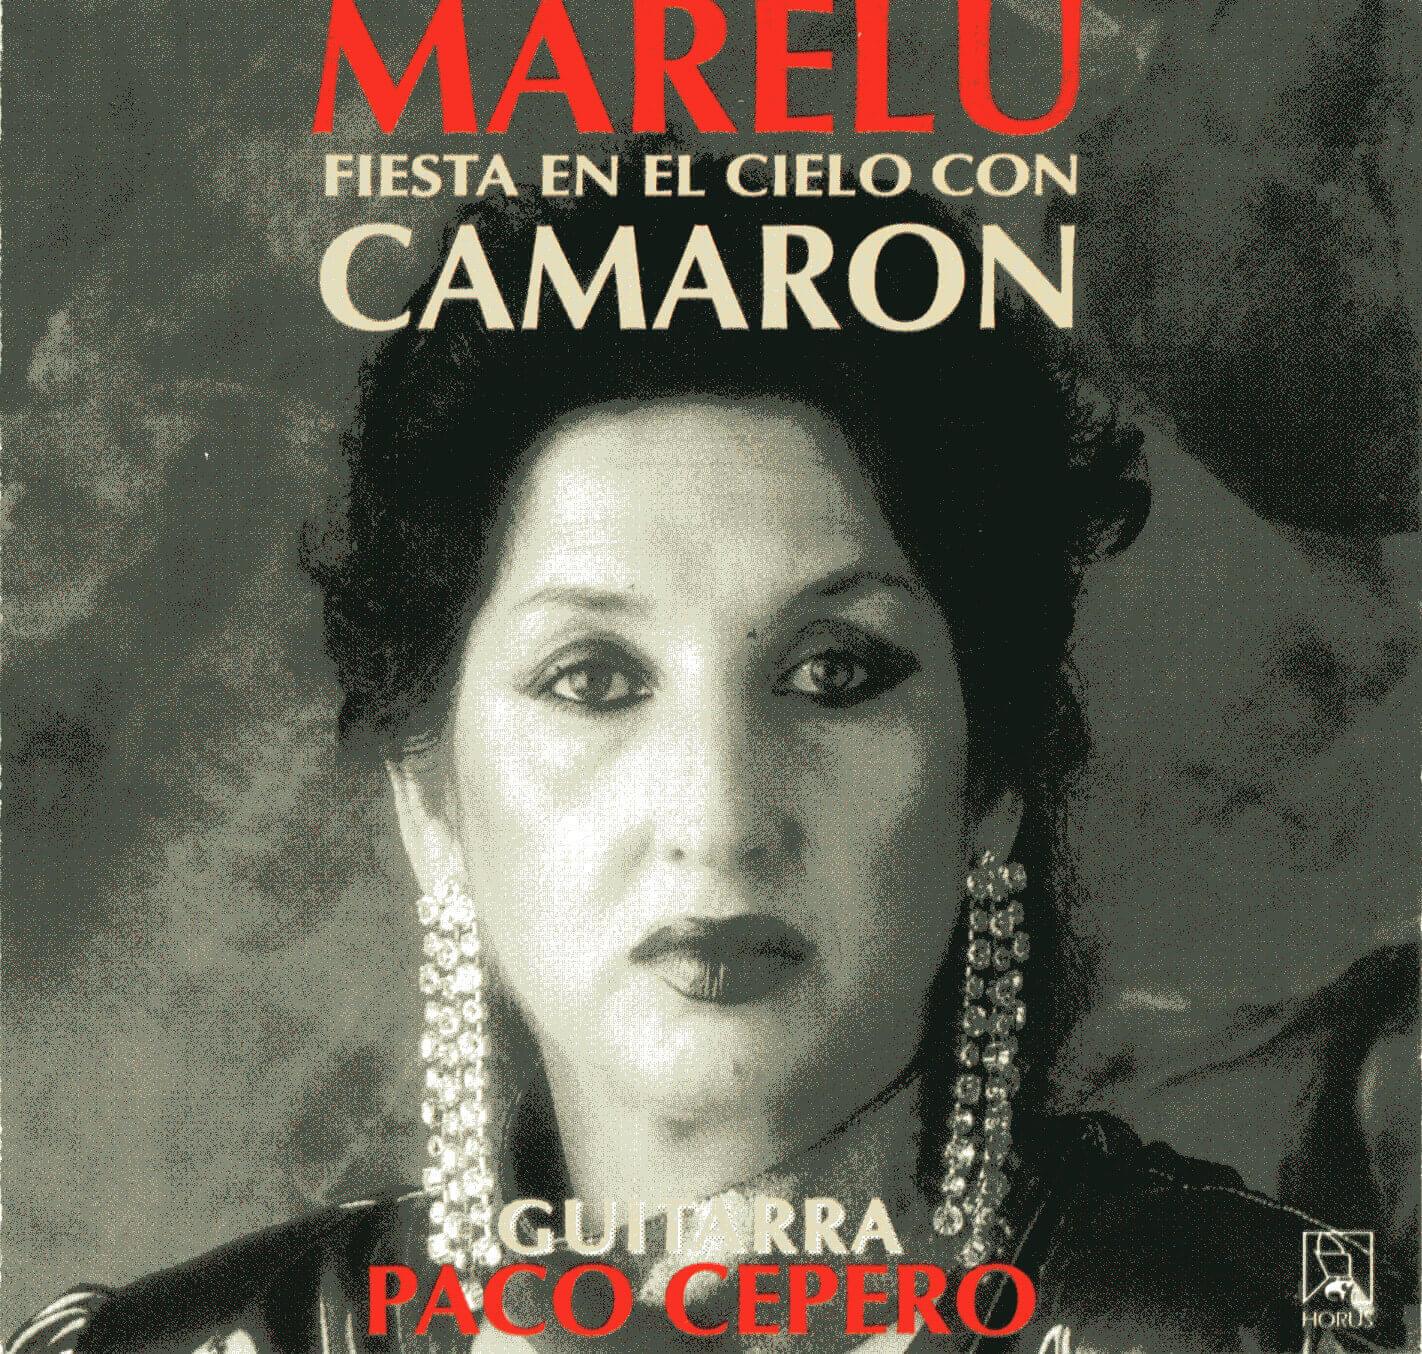 MARELU | FIESTA EN EL CIELO CON CAMARÓN